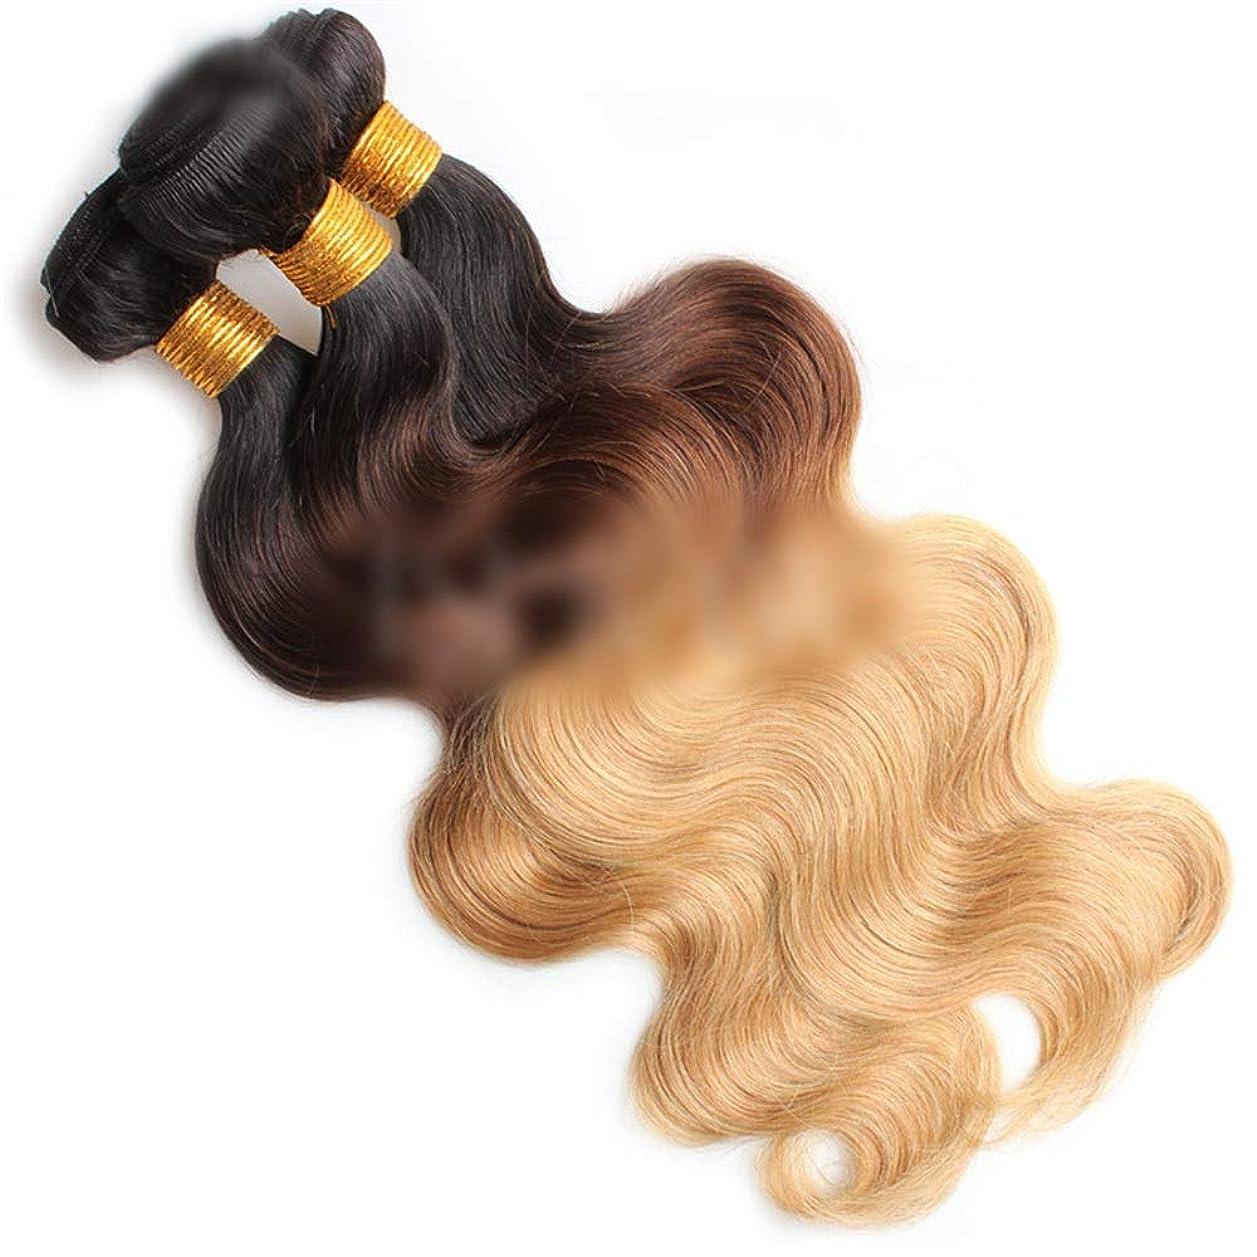 独立して敬礼モニターYrattary 実体波オンブルヘアバンドルナチュラルヘアエクステンション横糸 - 1B / 4/27#金髪3トーンカラー(100g / 1バンドル、10インチ-26インチ)合成髪レースかつらロールプレイングウィッグロング&ショート女性自然 (色 : Blonde, サイズ : 24 inch)